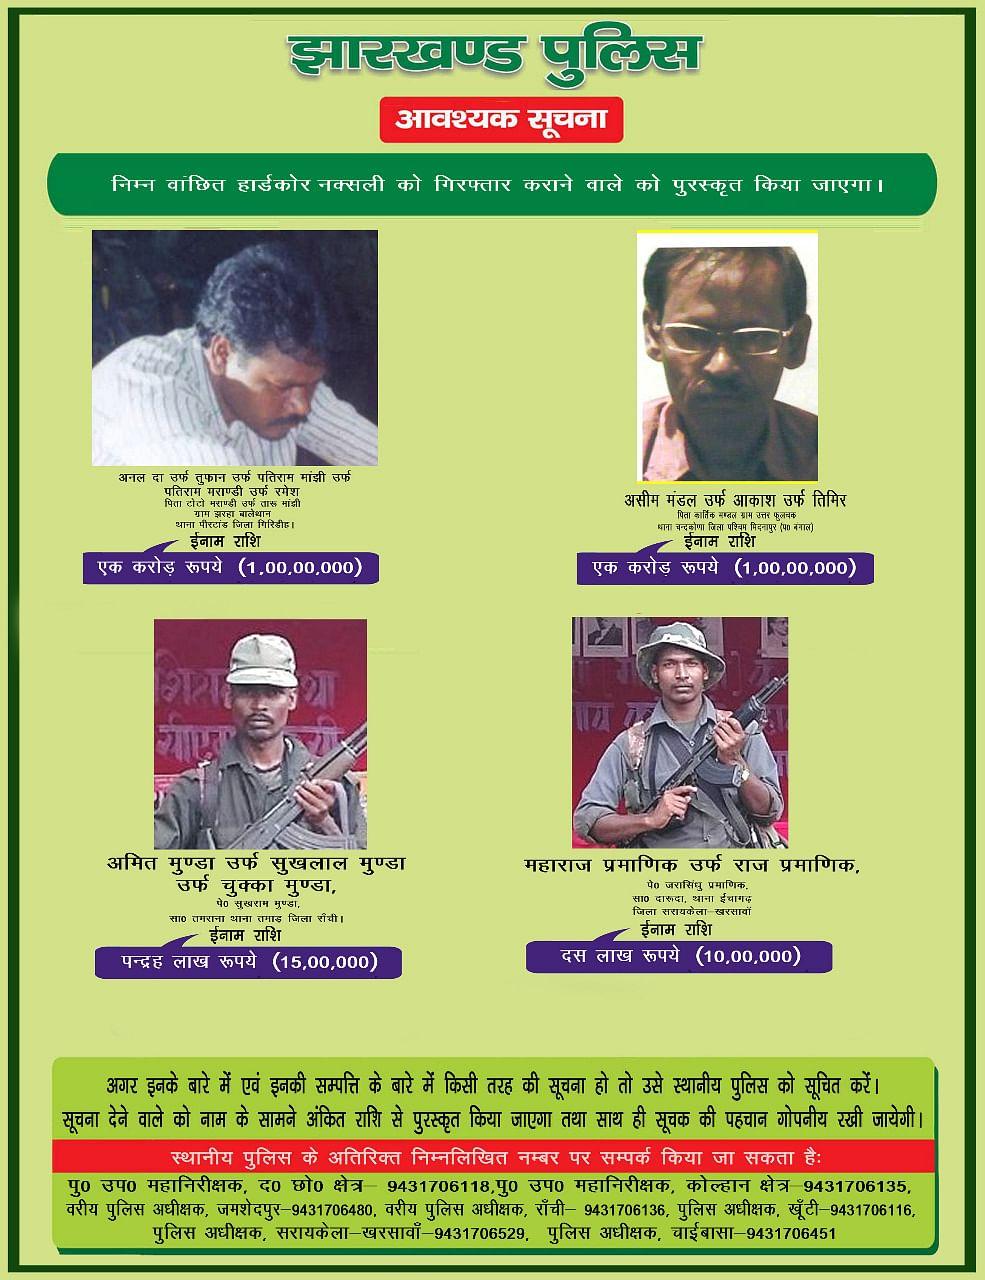 झारखंड पुलिस ने की  एक करोड़ के चार इनामी सहित  12 हार्डकोर नक्सलियों की तस्वीर जारी